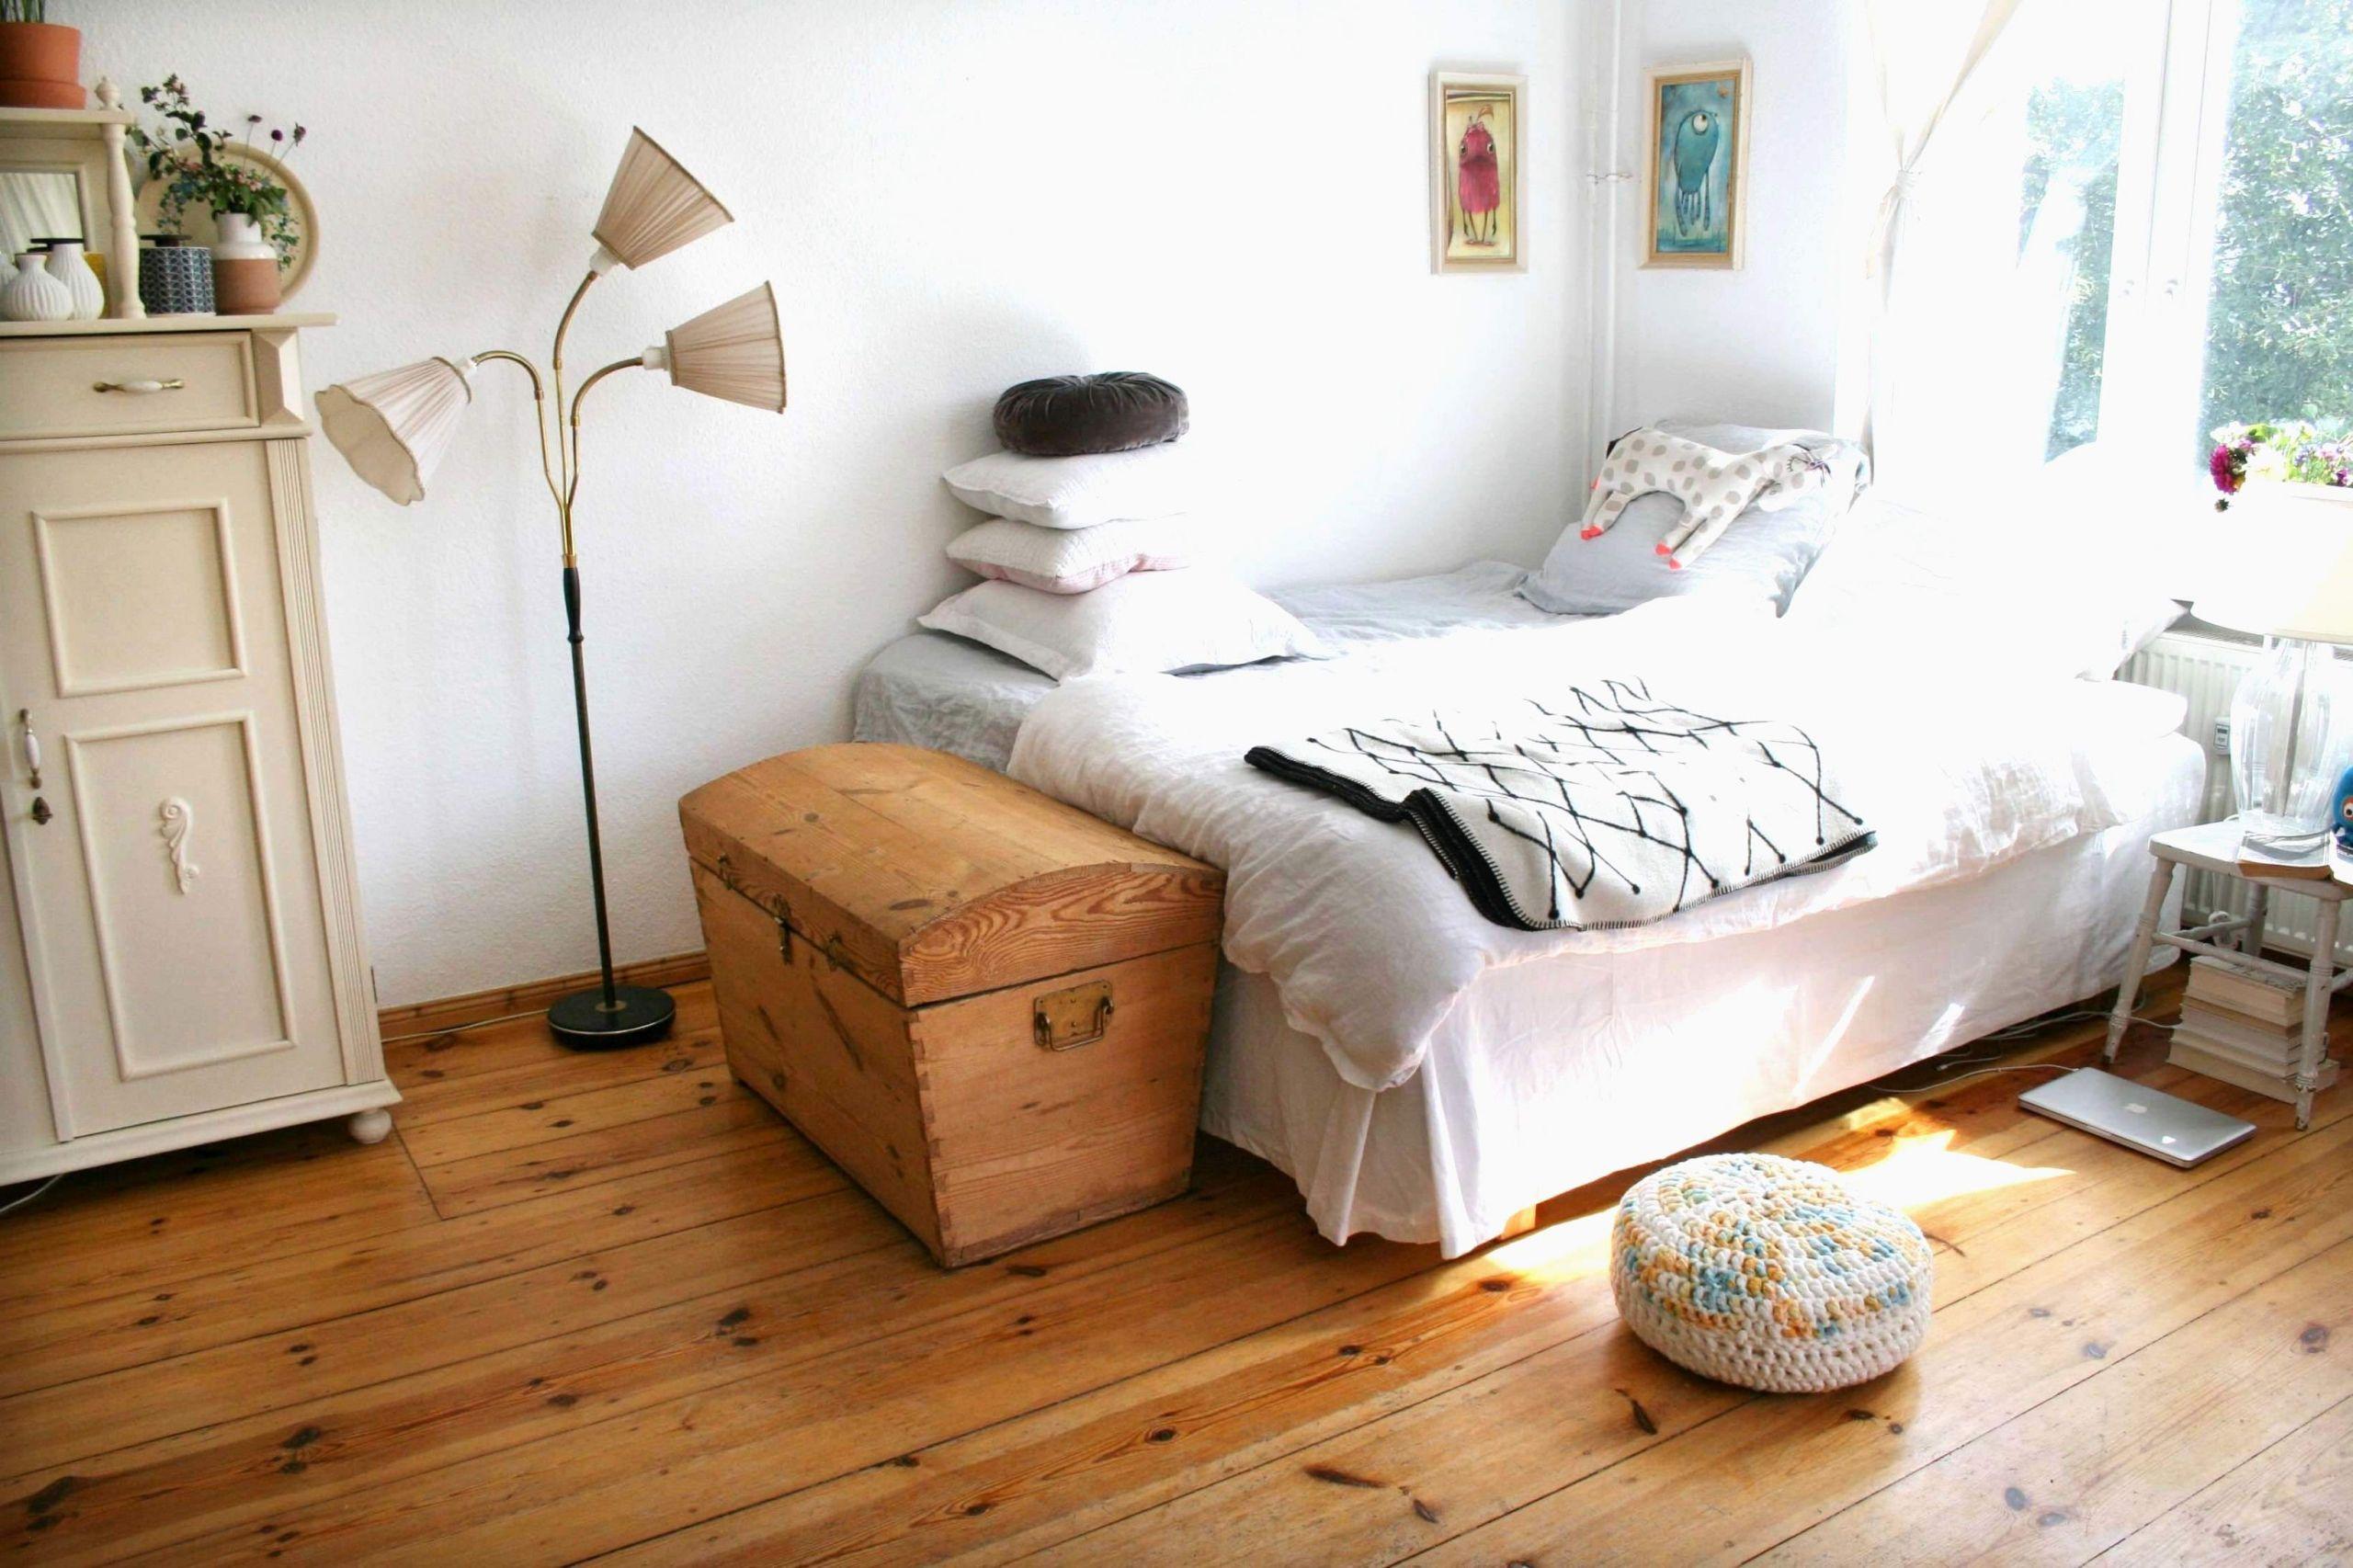 klapptisch wohnzimmer elegant wohnzimmer dachgeschoss elegant wohnideen wohnzimmer bilder of klapptisch wohnzimmer scaled